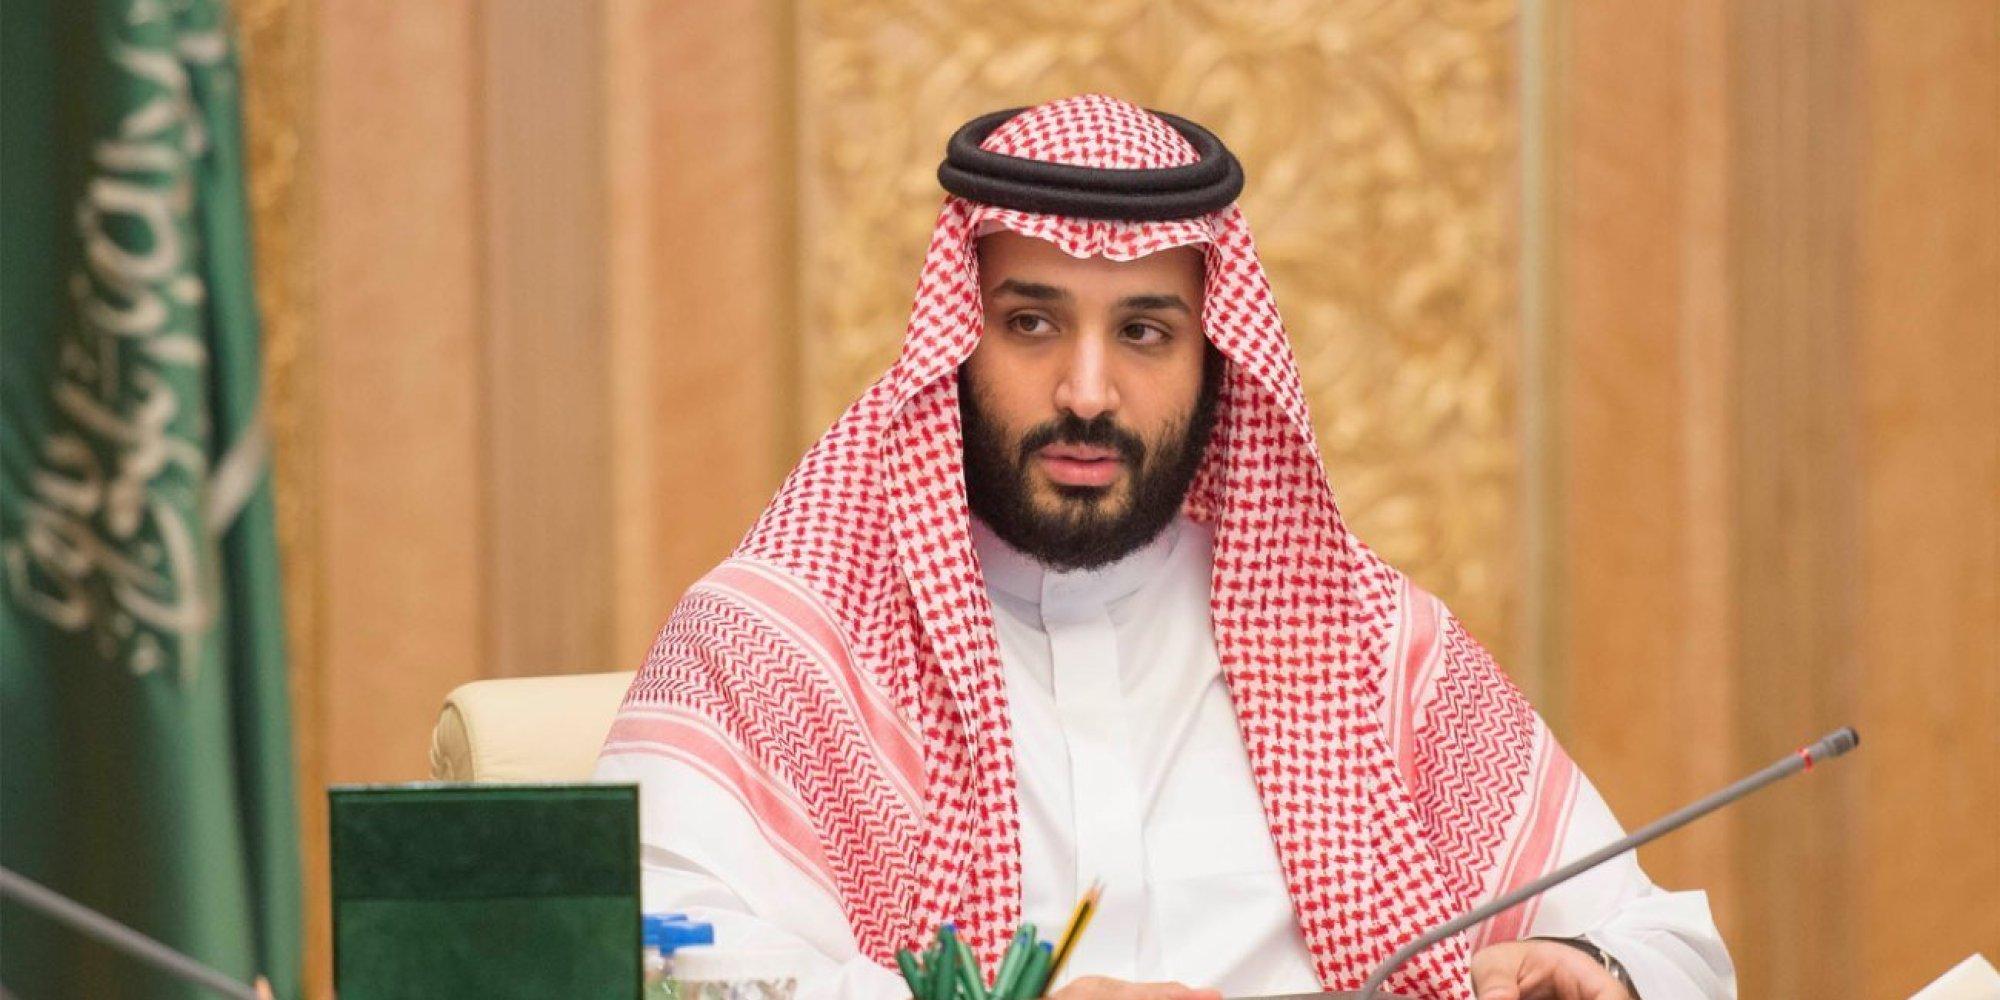 هل تنقذ الإصلاحات الاقتصادية الرياض من أزمة النفط؟ صحيفة ألمانية: الشباب سيطالبون بالتغيير في حالة واحدة